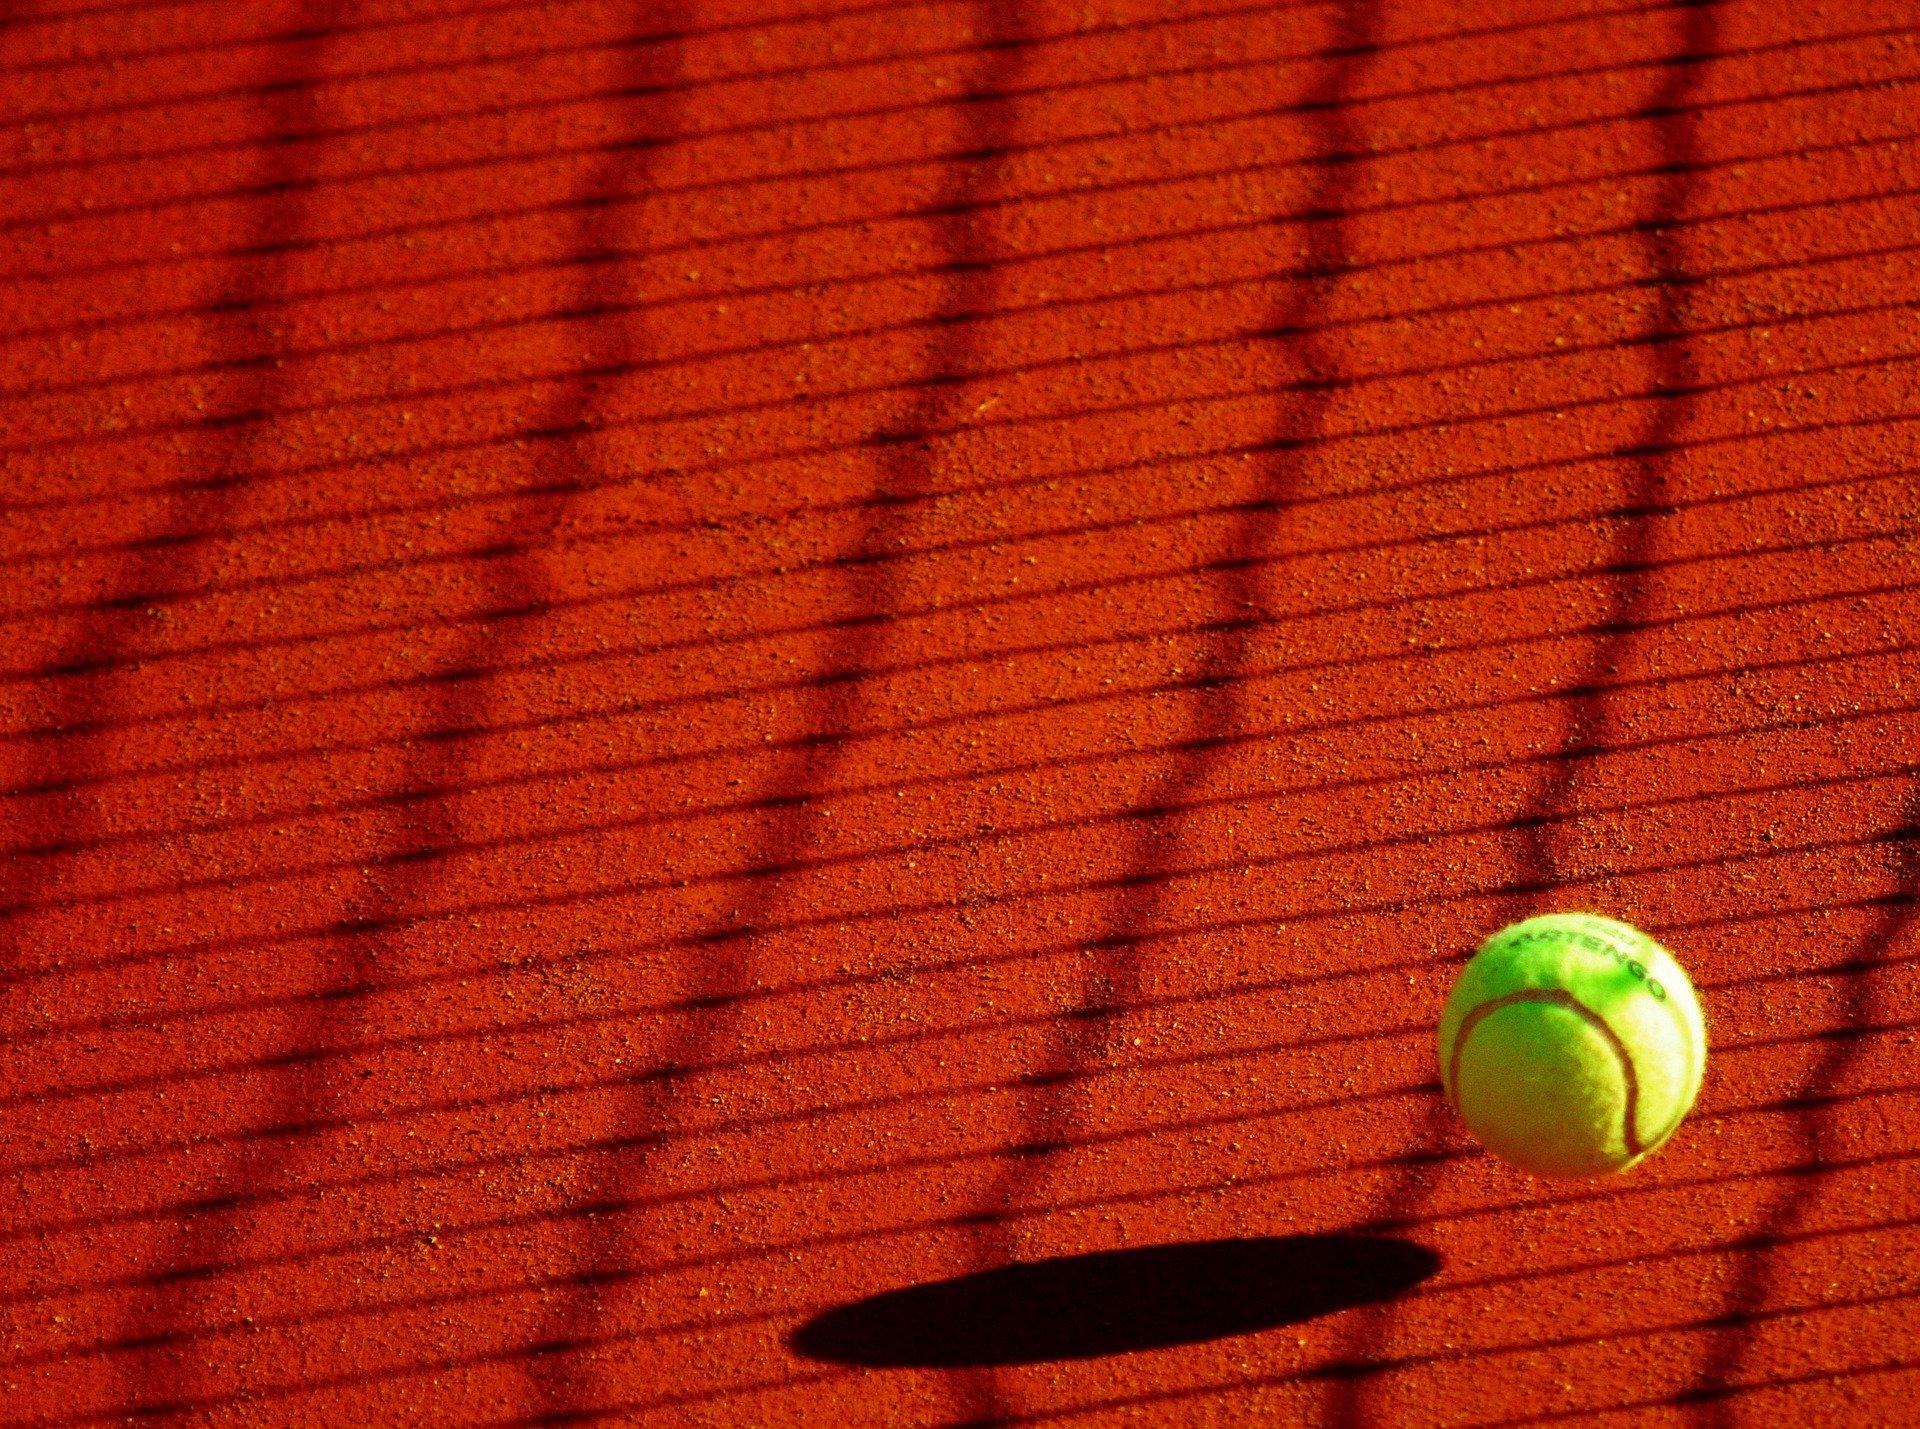 tennis-178696_1920.jpg